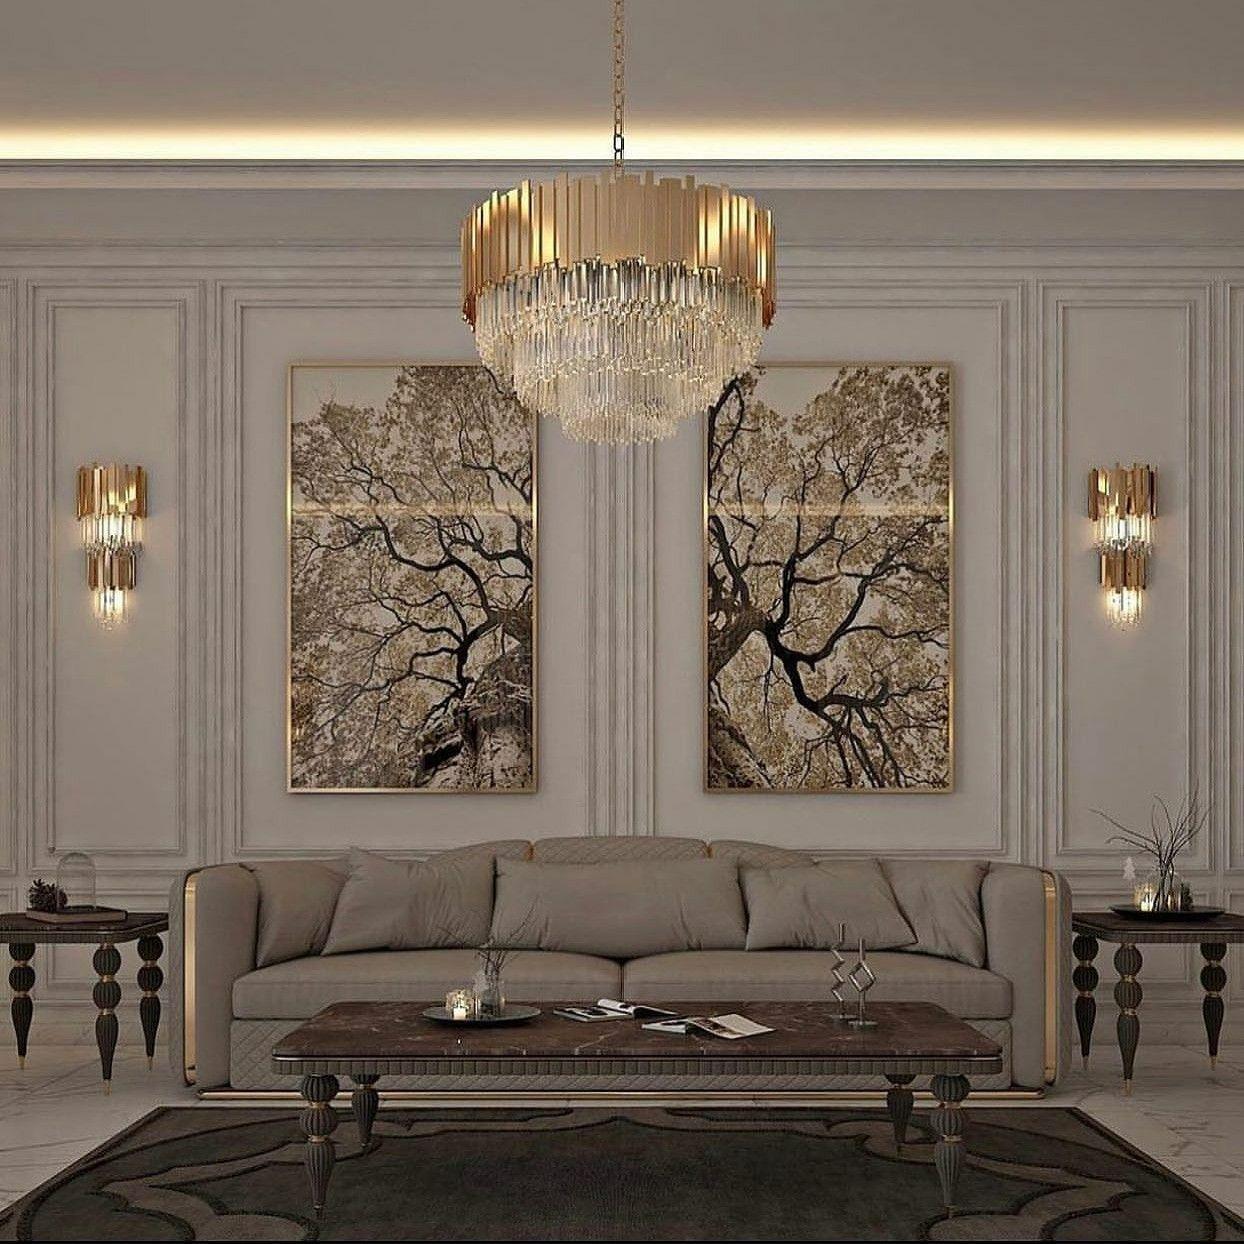 فوم بديل الجبس ديكور صاله فوم للجدران براويز بانوهات فوم لتواصل الرياض 0535711713 Decor Home Living Room Living Room Design Decor Elegant Living Room Decor